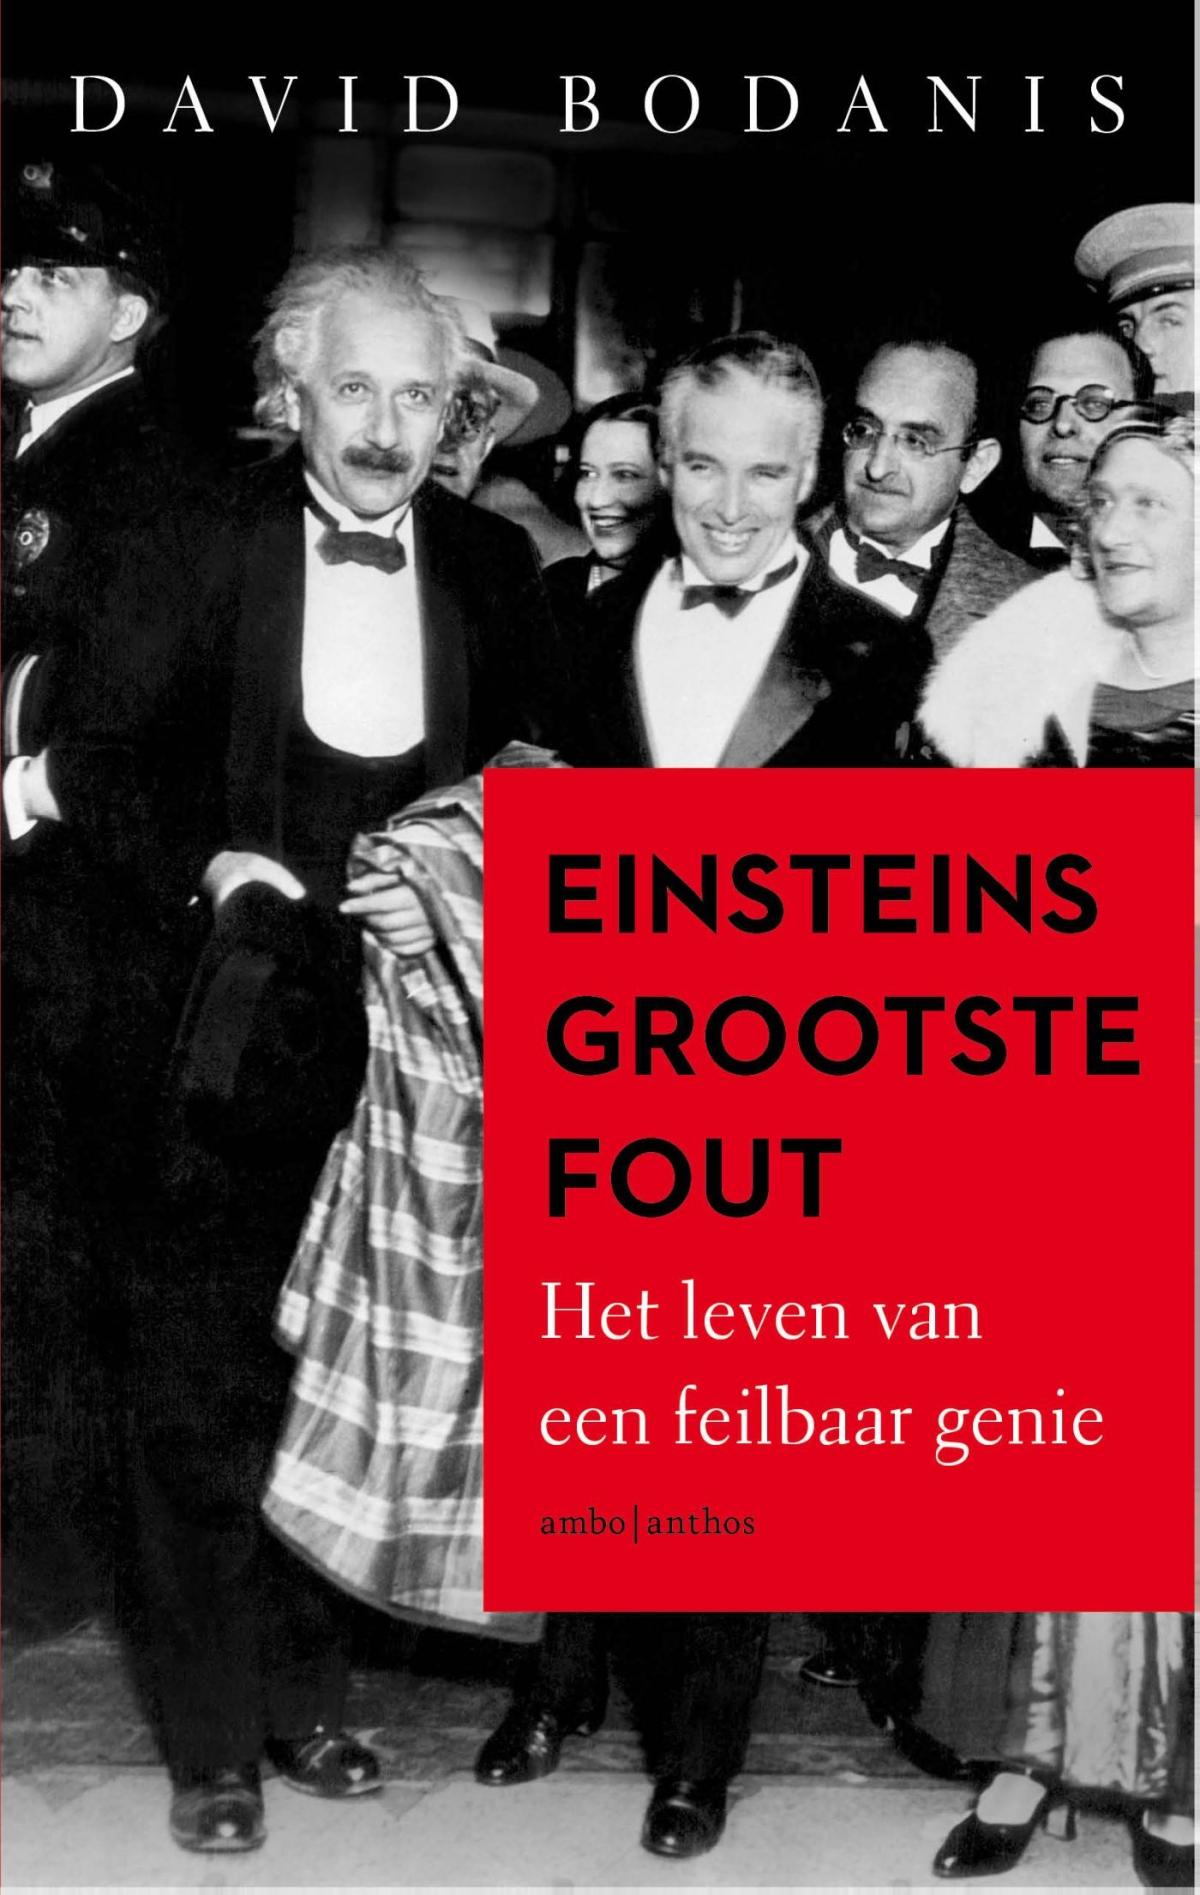 Einsteins grootste fout - David Bodanis